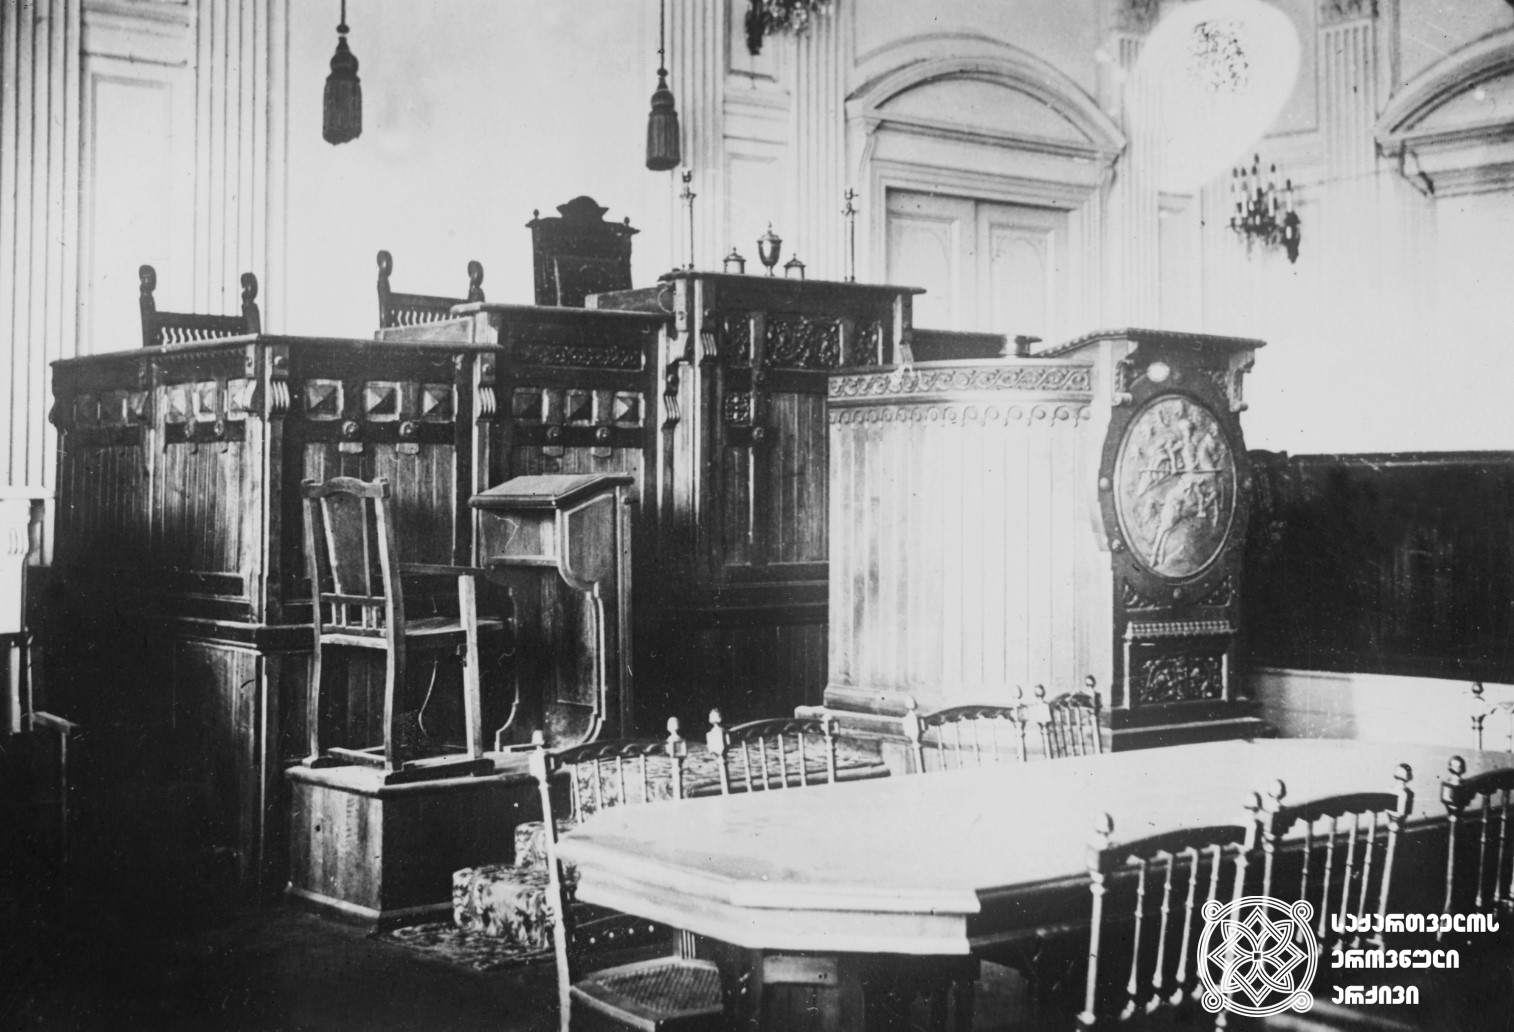 დამფუძნებელი კრების პლენარულ სხდომათა დარბაზის ინტერიერი. (დღევანდელი მოსწავლე ახალგაზრდობის ეროვნული სასახლე). <br> თბილისი, 1919 წელი. <br> Interior of the Constituent Assembly session plenary hall (present-day National Youth Palace). <br> Tbilisi, 1919.